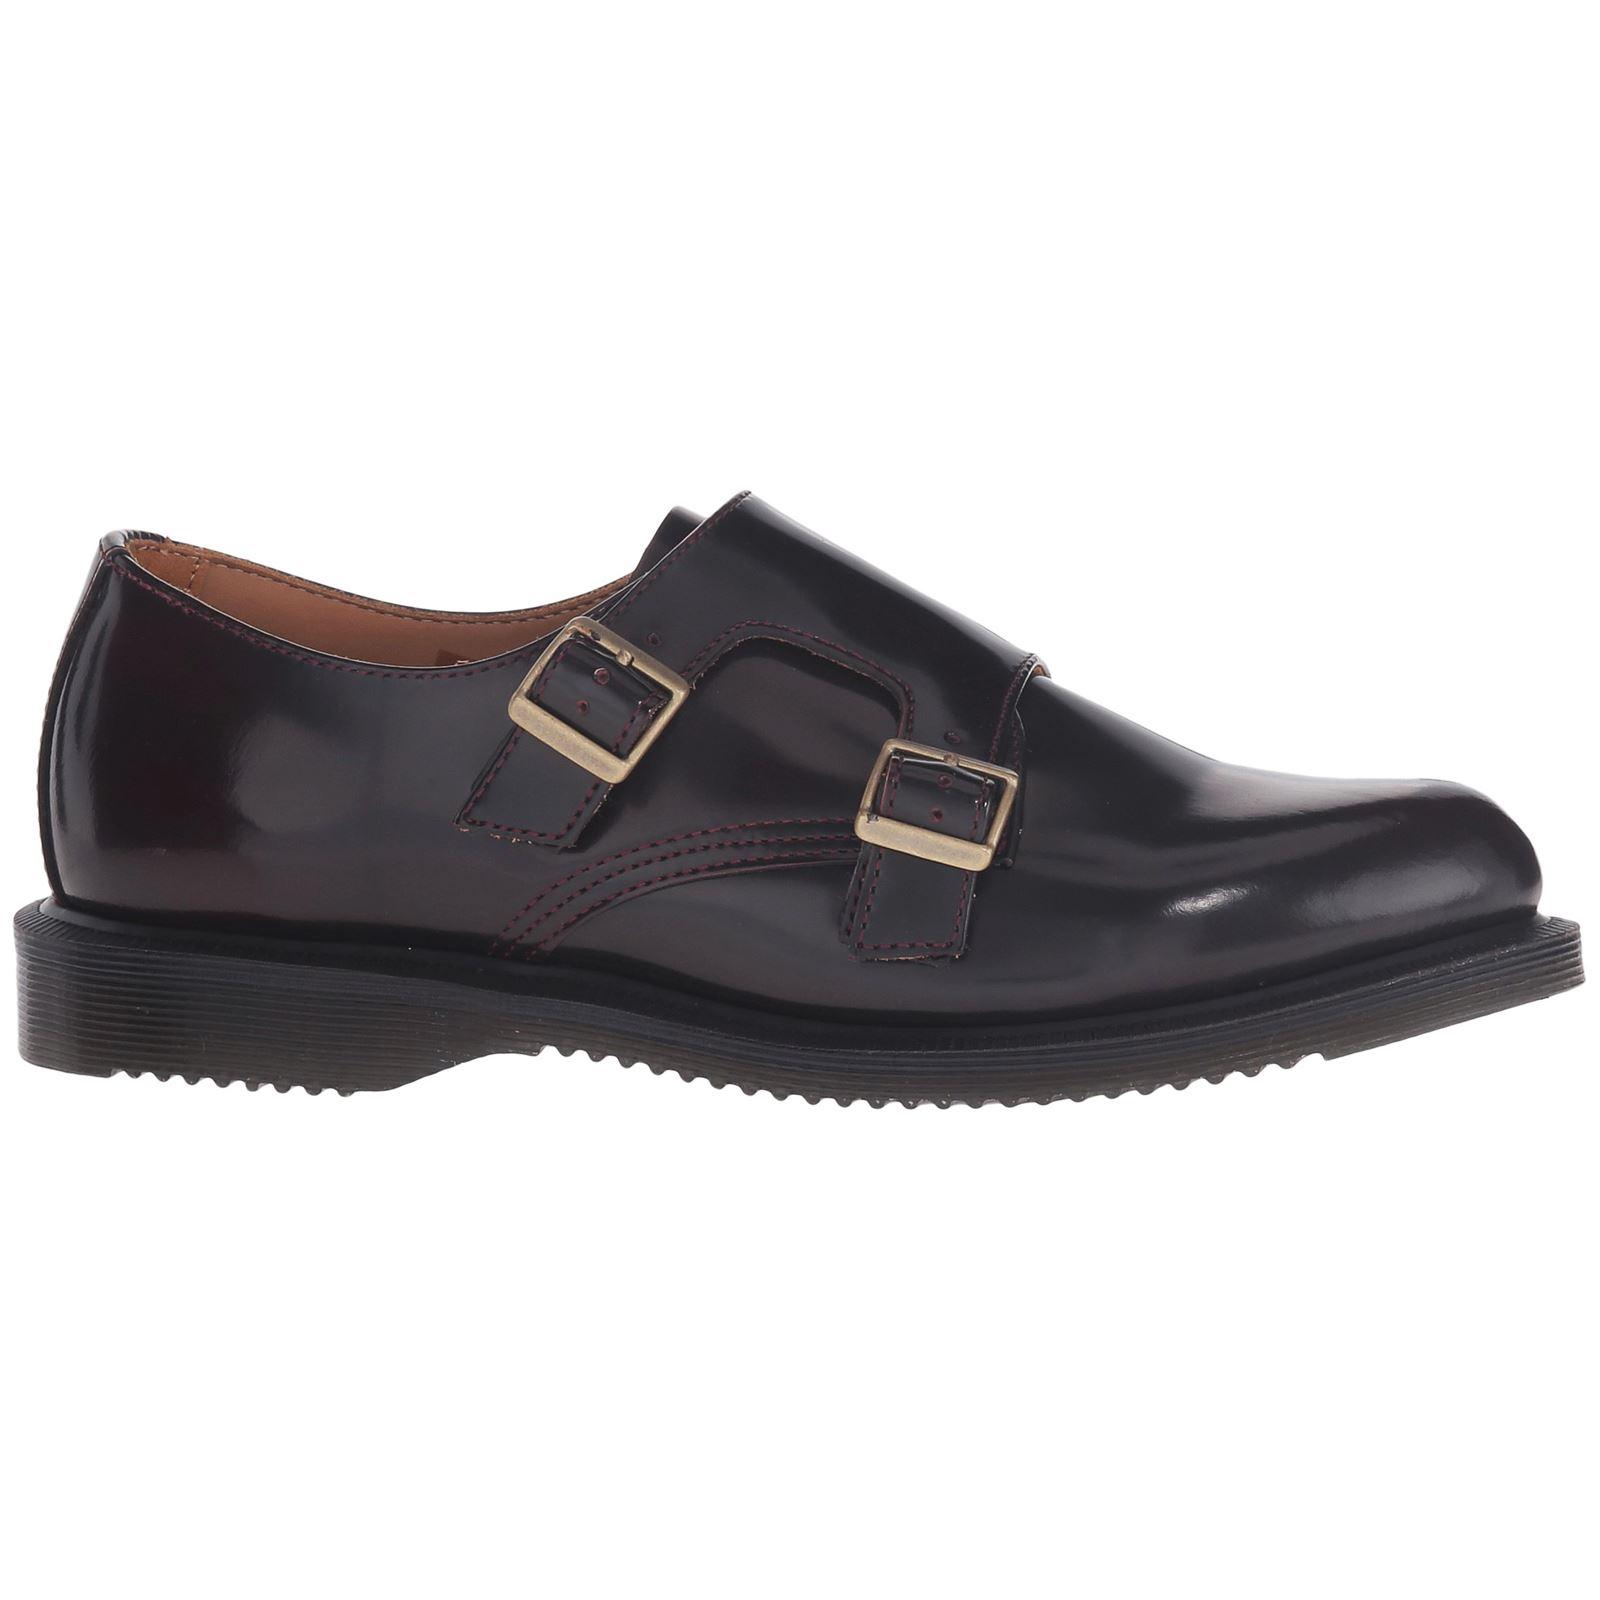 Details about Dr.Martens Pandora Arcadia Cherry Womens Shoes e27b02d5a6